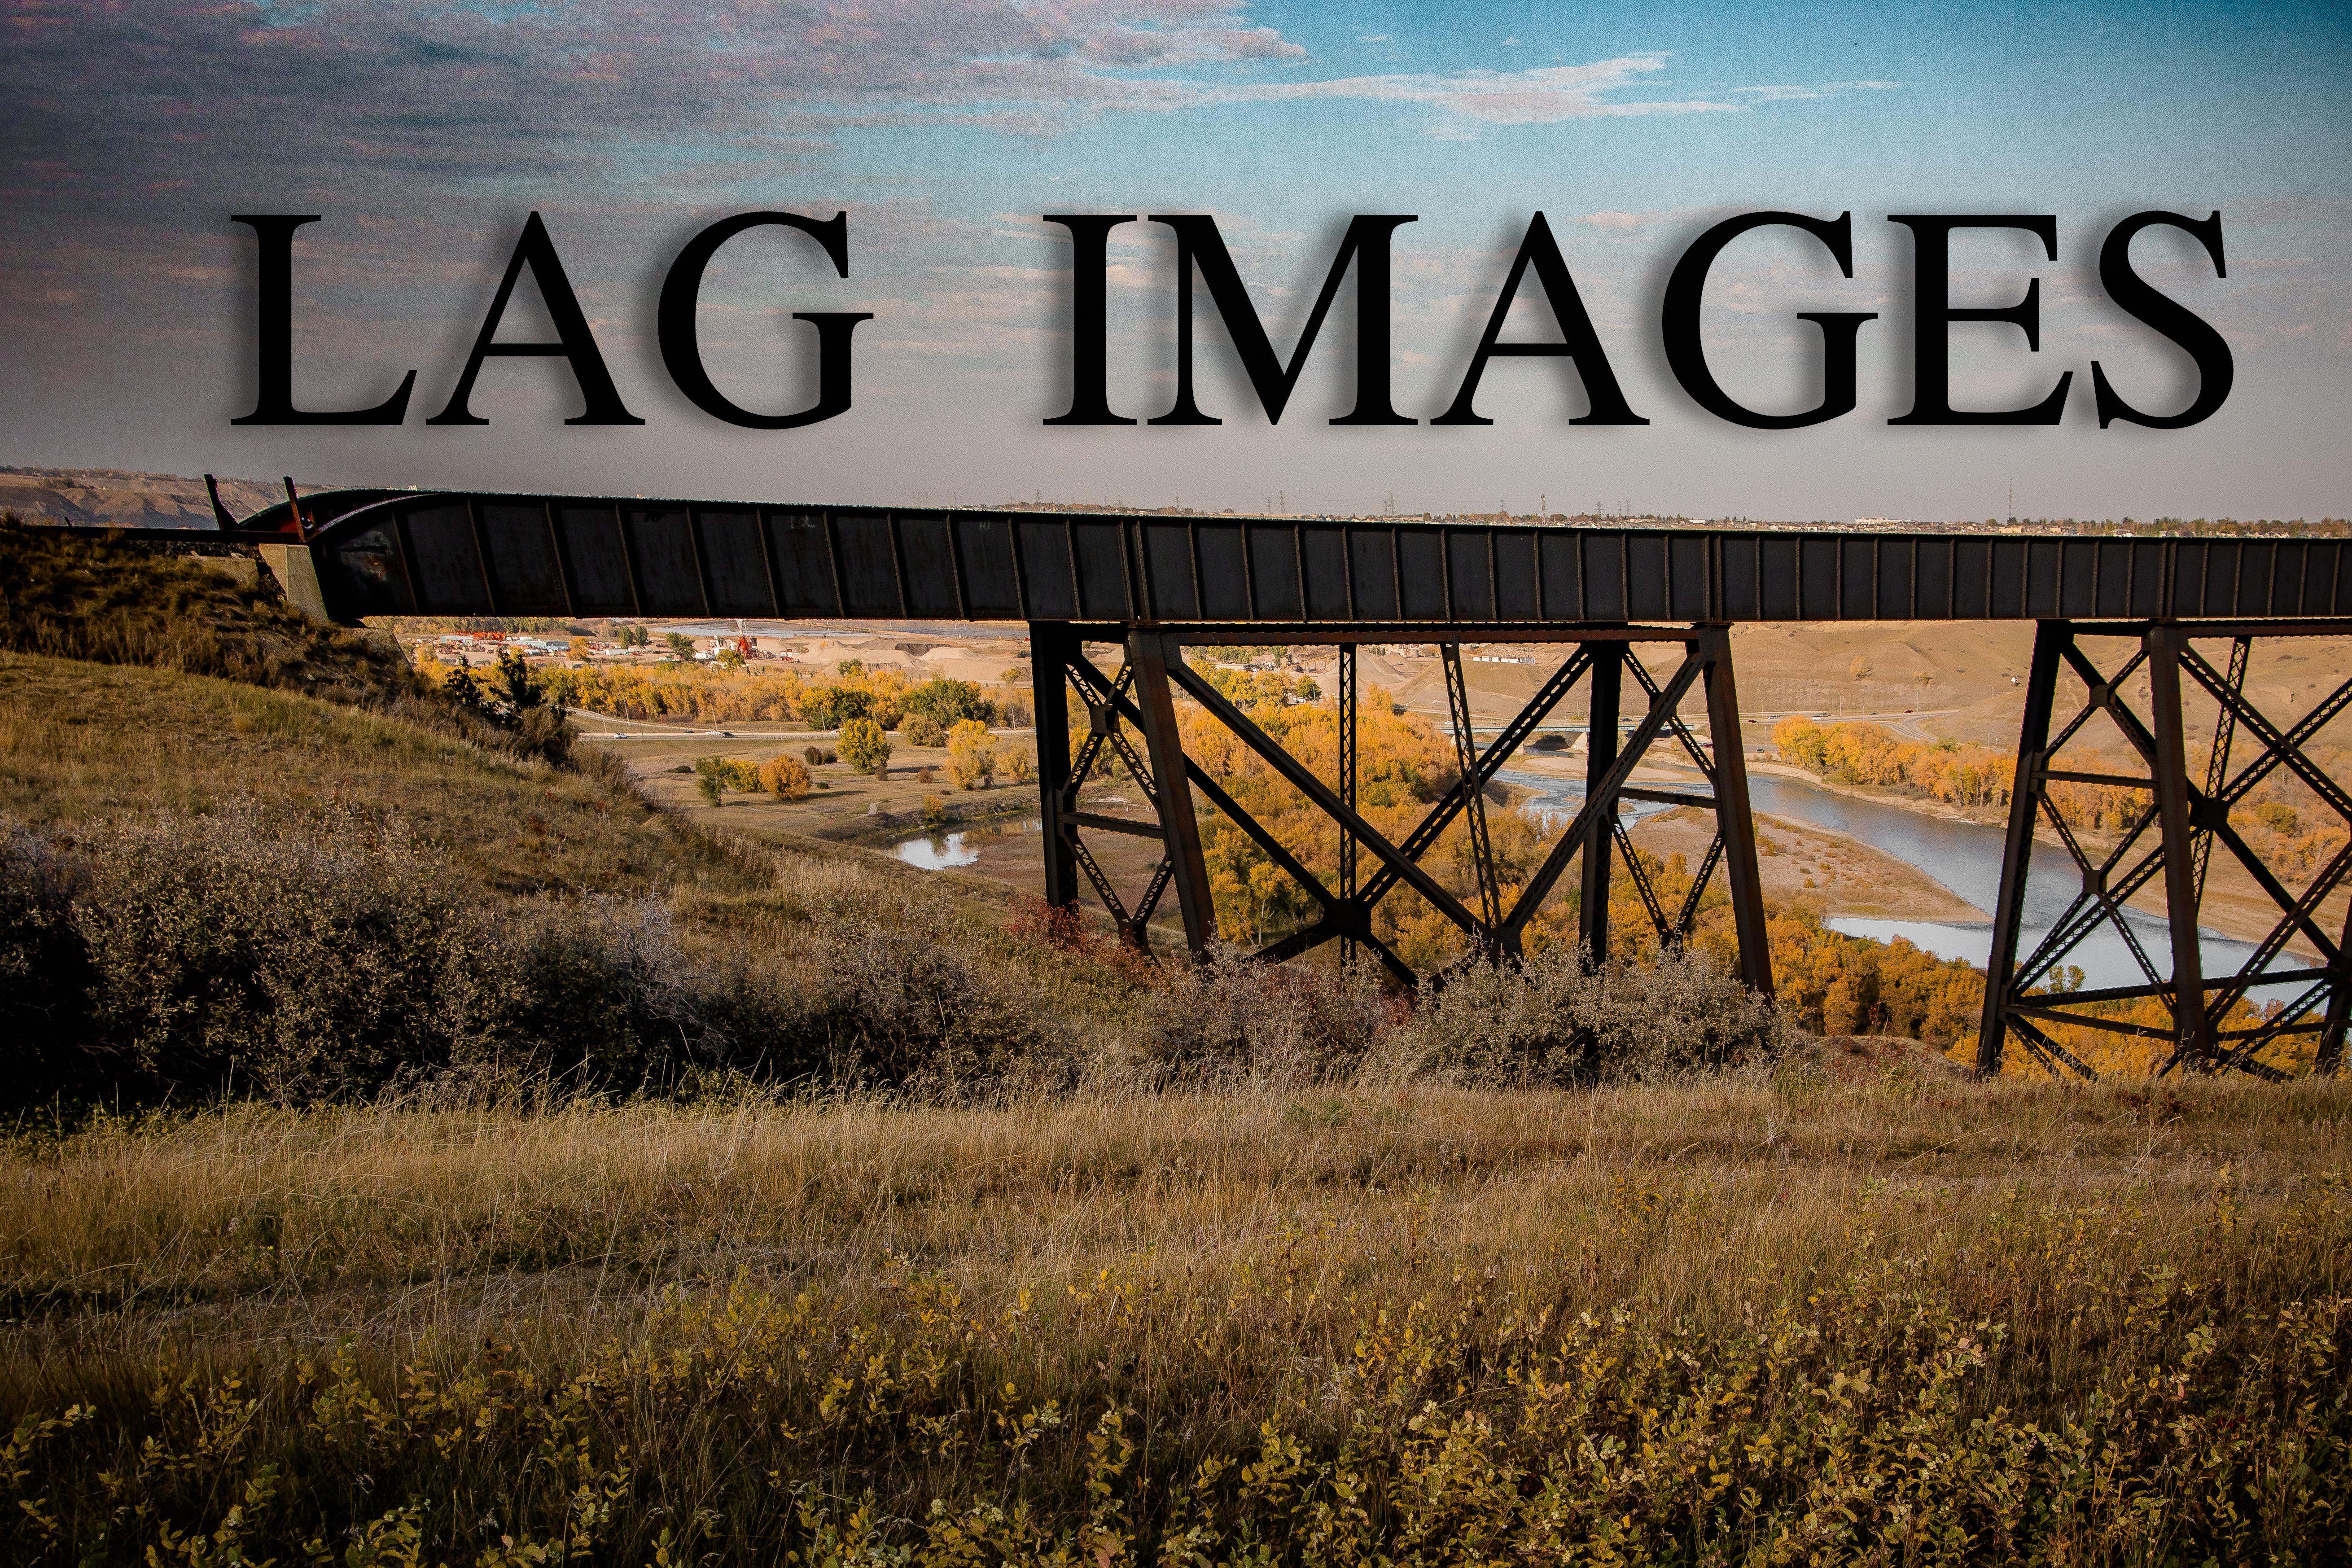 LAG IMAGES Signature